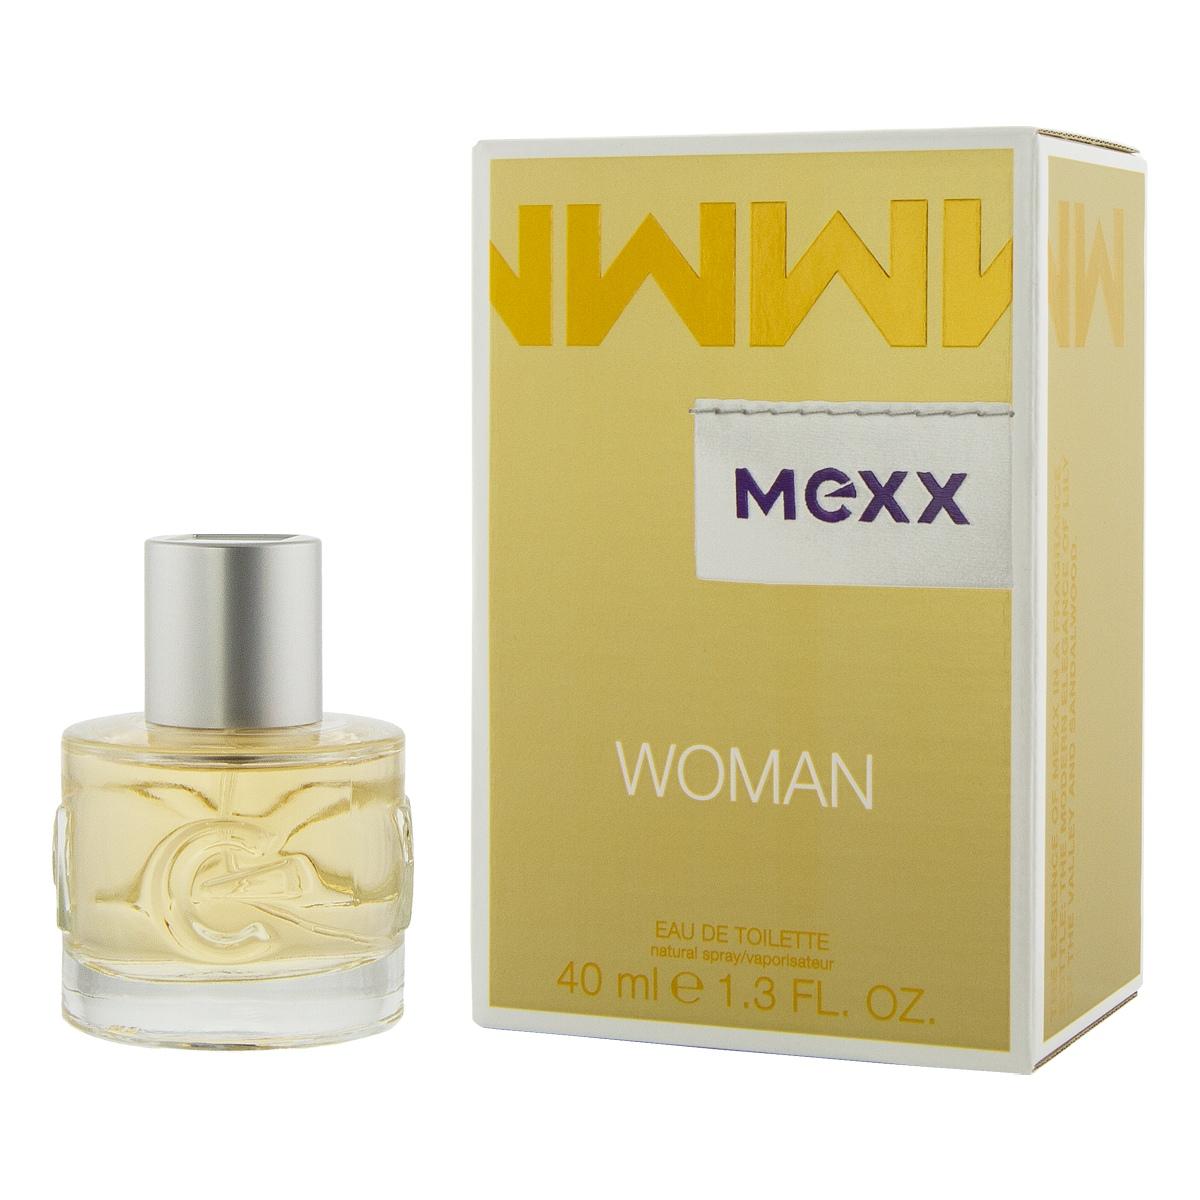 Mexx Woman Eau De Toilette 40 ml (woman) 58175